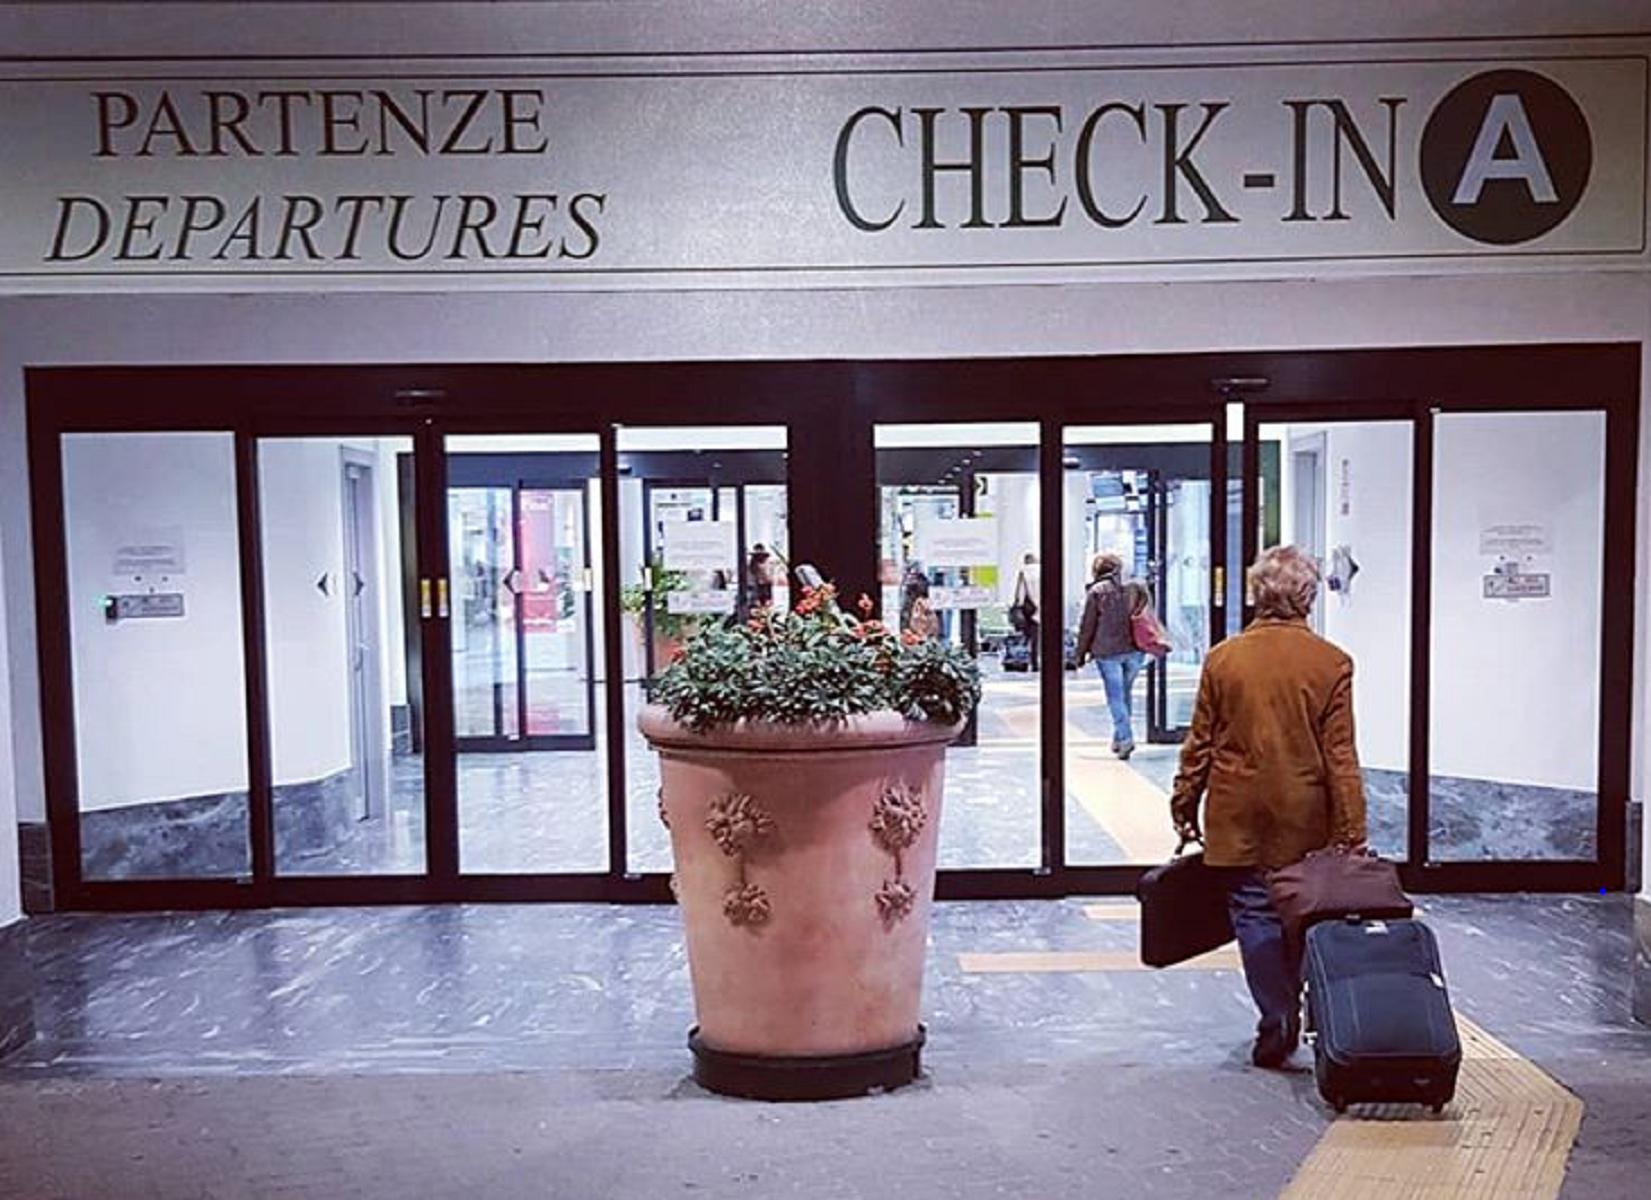 Sciopero 8 marzo 2019, come ottenere i rimborsi per i voli cancellati